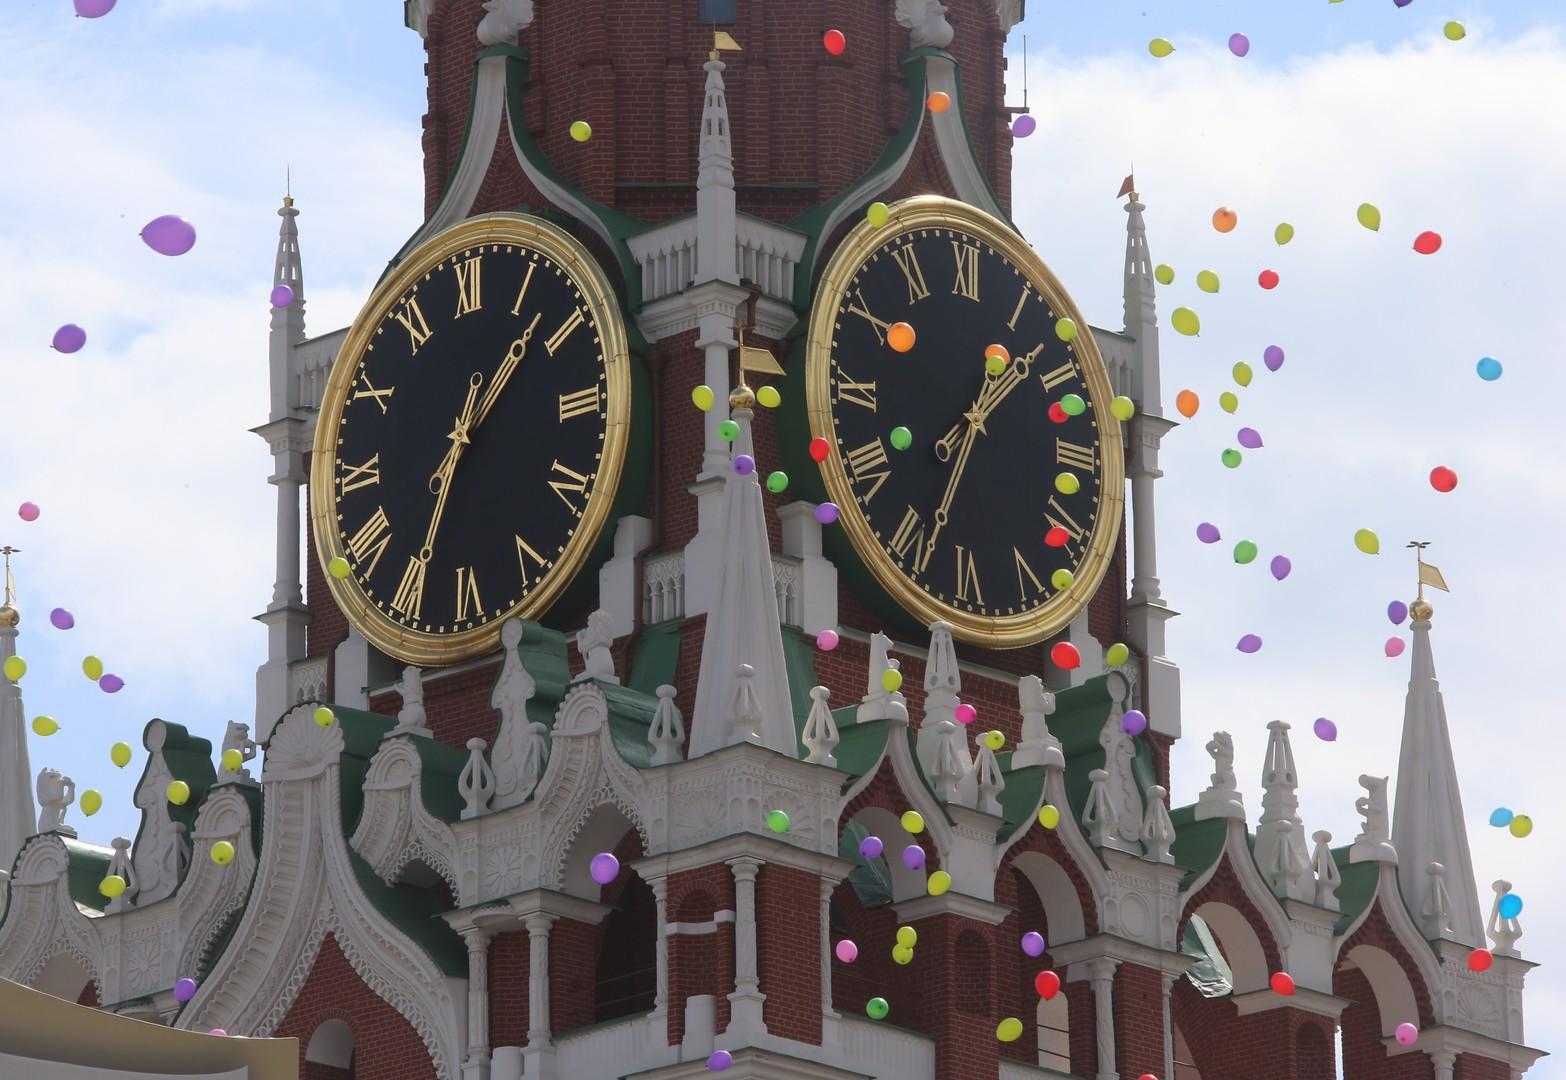 Воздушные шары на фоне Спасской башни во время концерта по случаю Дня славянской письменности и культуры на Красной площади.